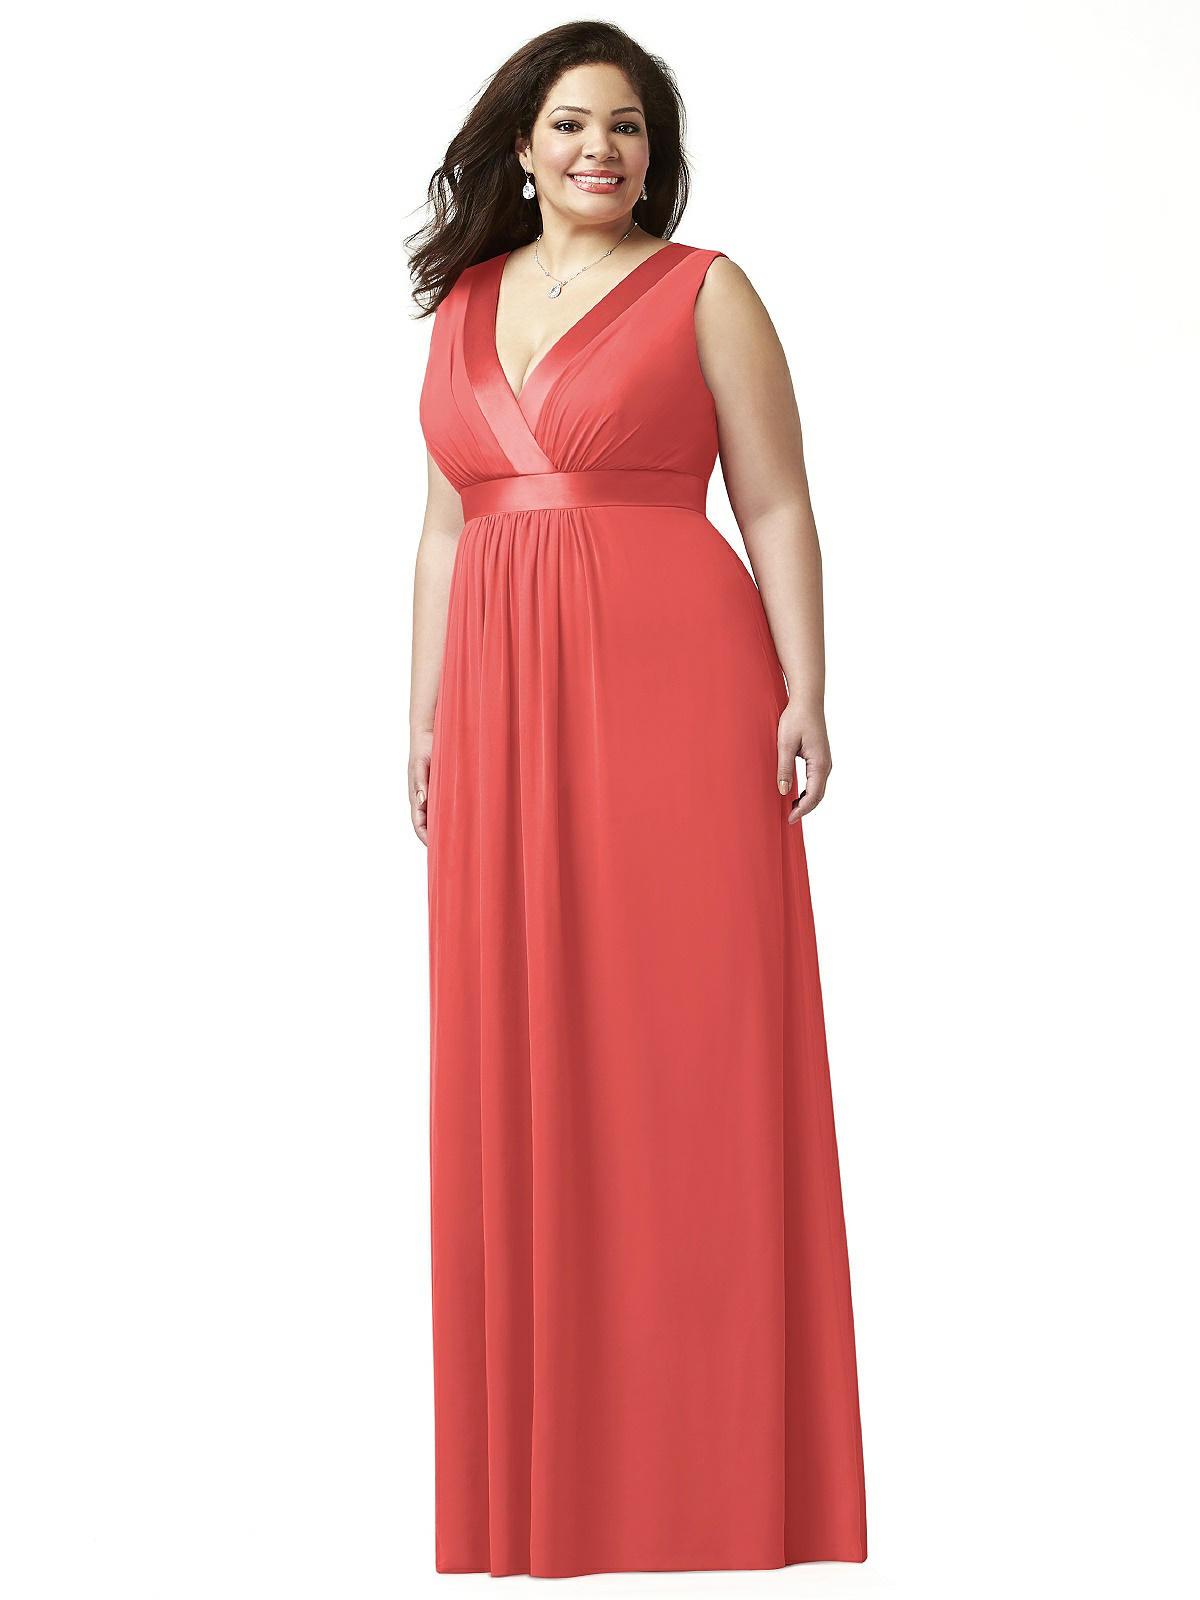 Lovelie plus size bridesmaid dresses plus size masquerade dresses lovelie plus size bridesmaid dresses 24 ombrellifo Choice Image